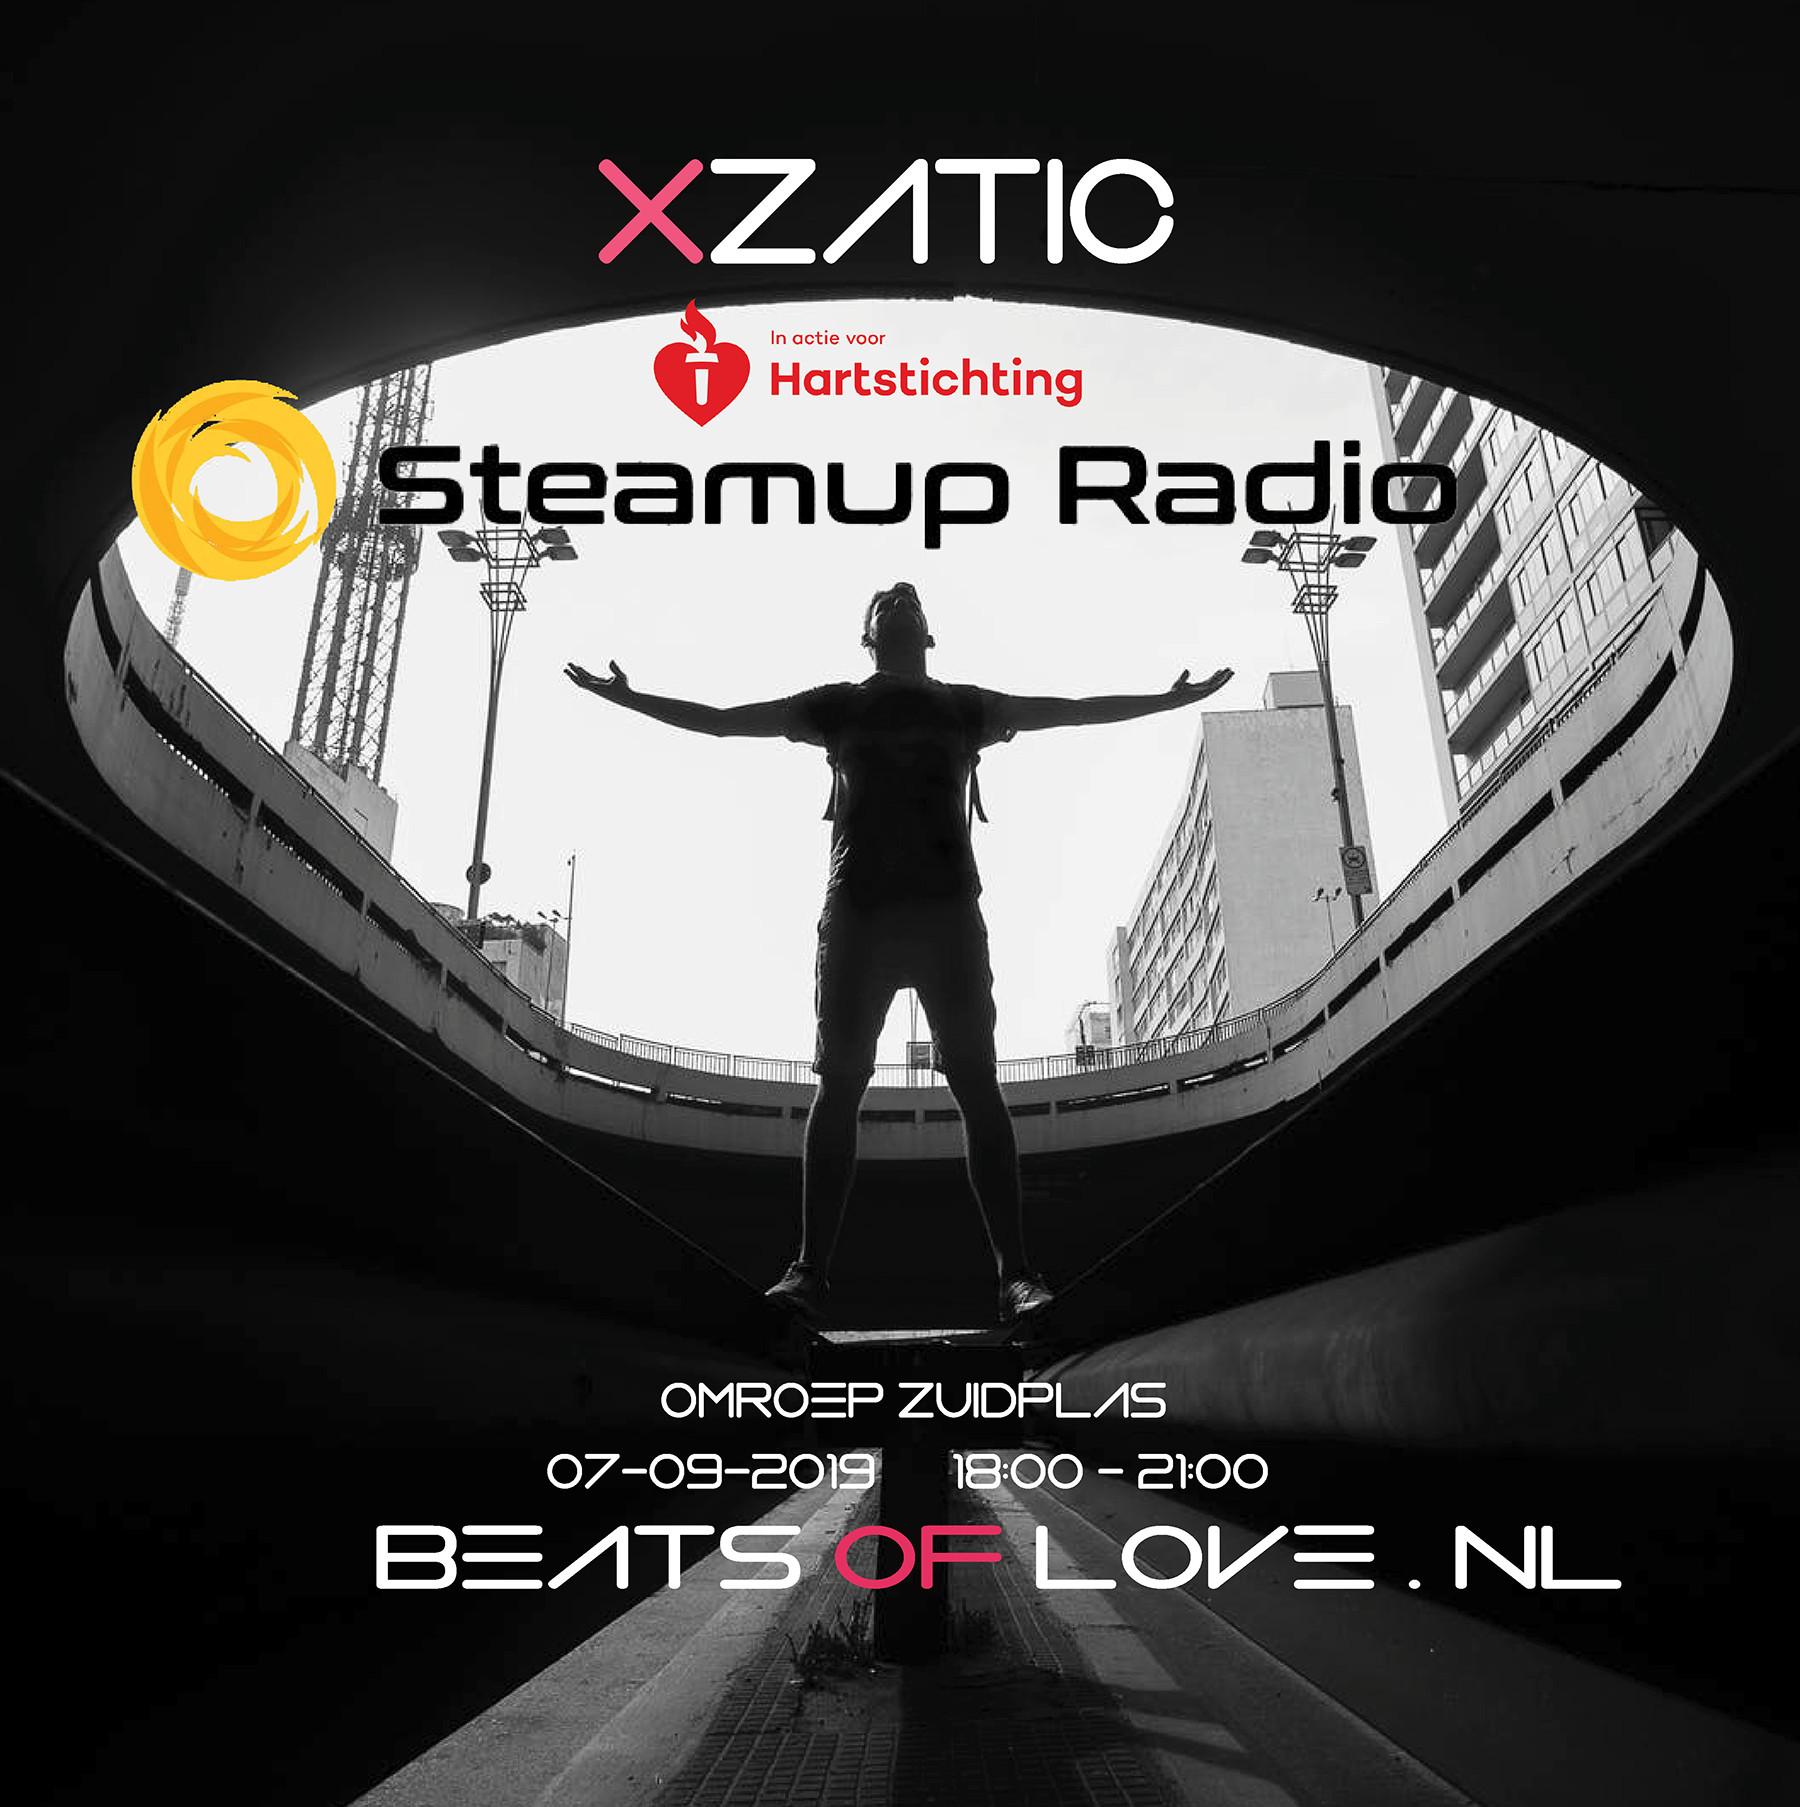 Xzatic Presents Beats Of Love [003] Live at Omroep Zuidplas, Nieuwerkerk Aan Den IJssel